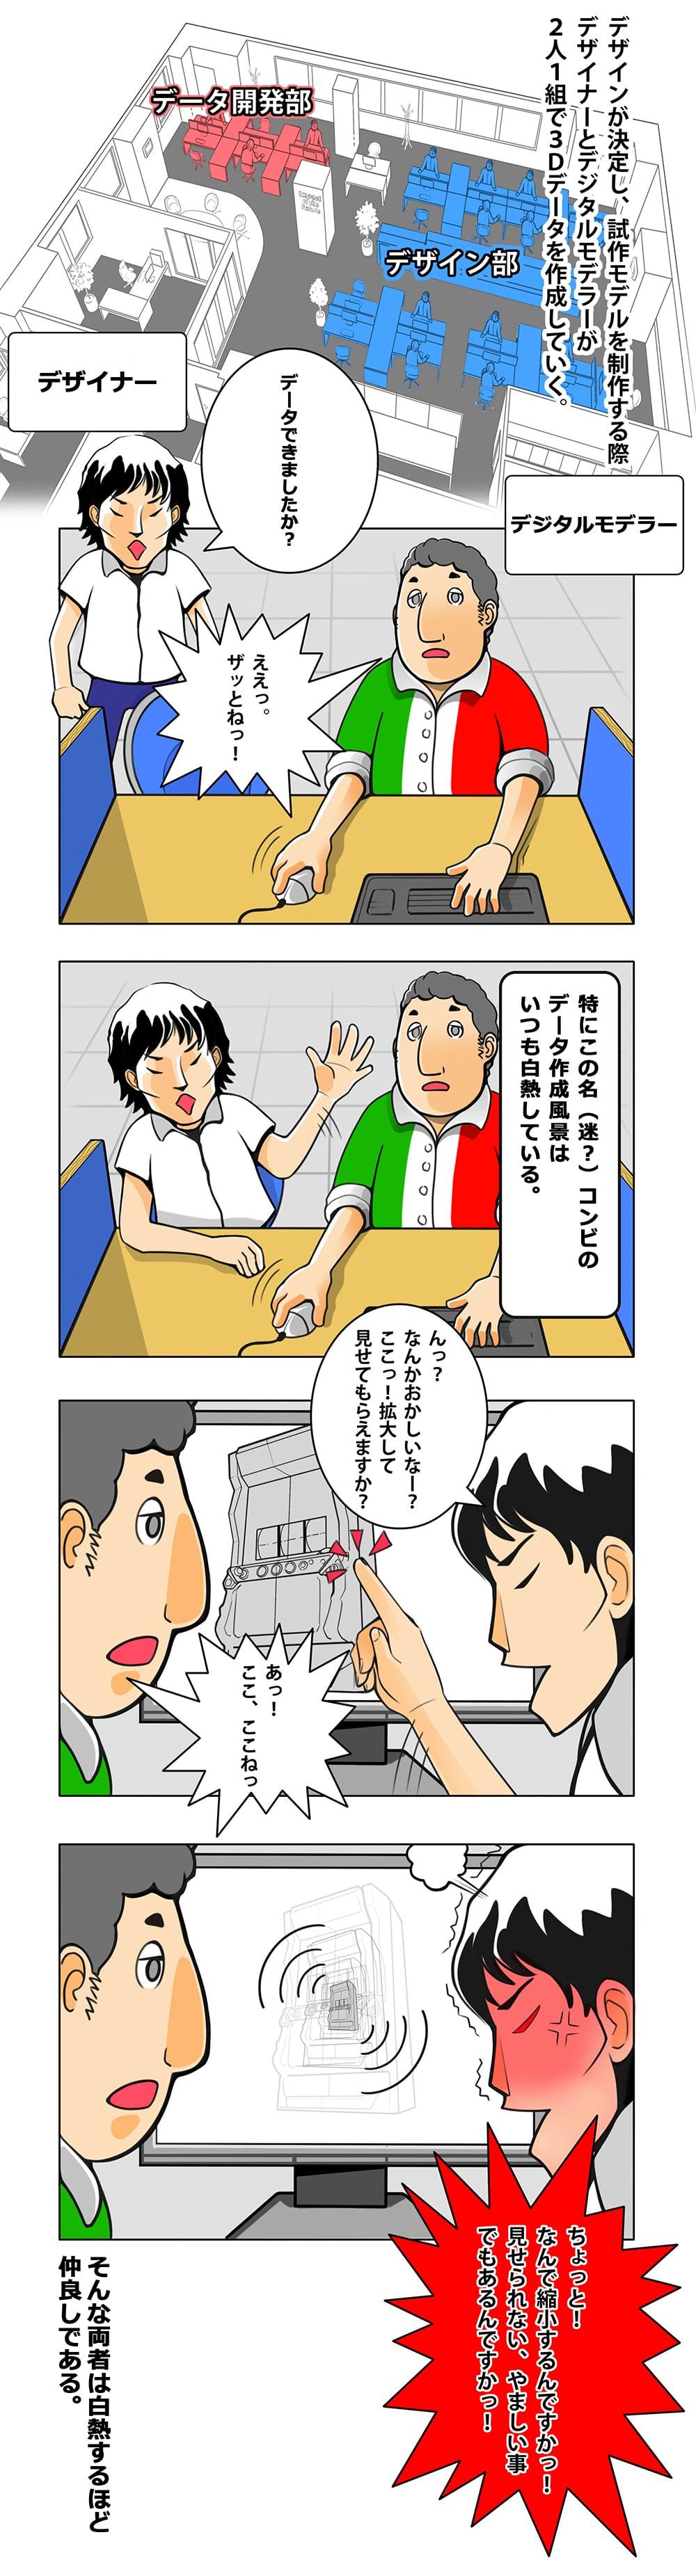 愉快な仲間たち3_デザイナーvsデジタルモデラー